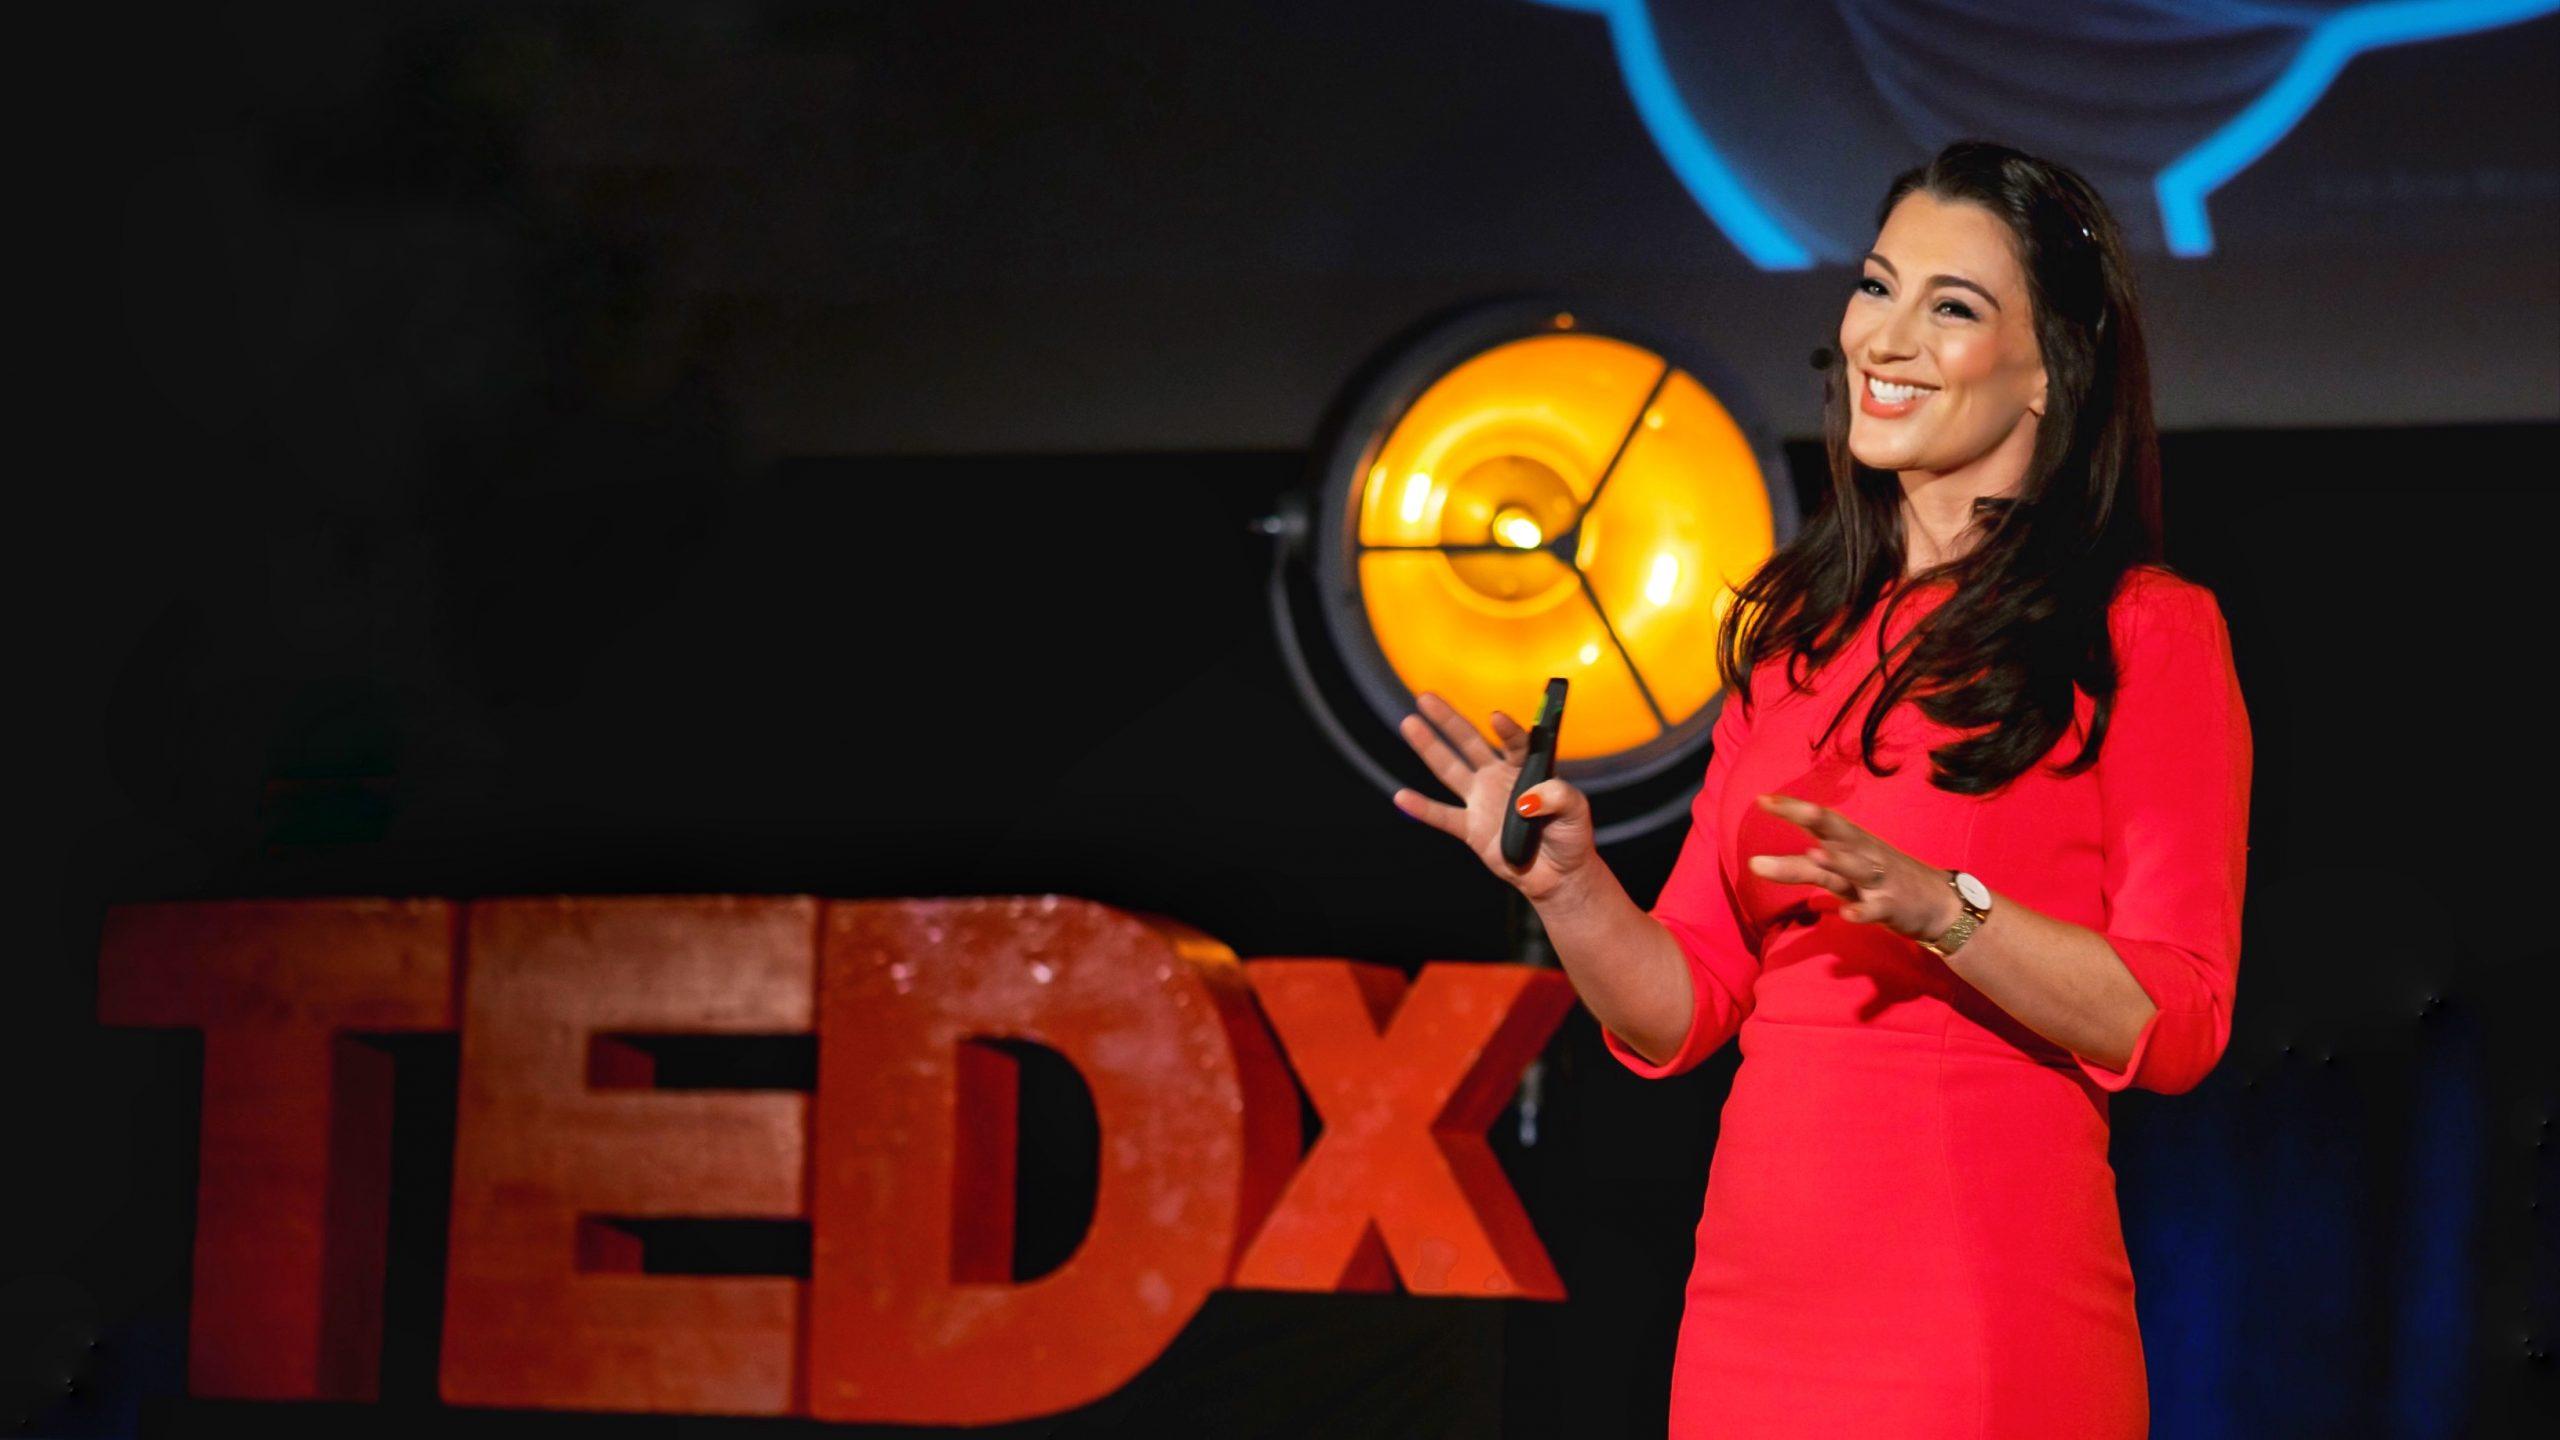 Katrin Cecile Ziegler TEDx